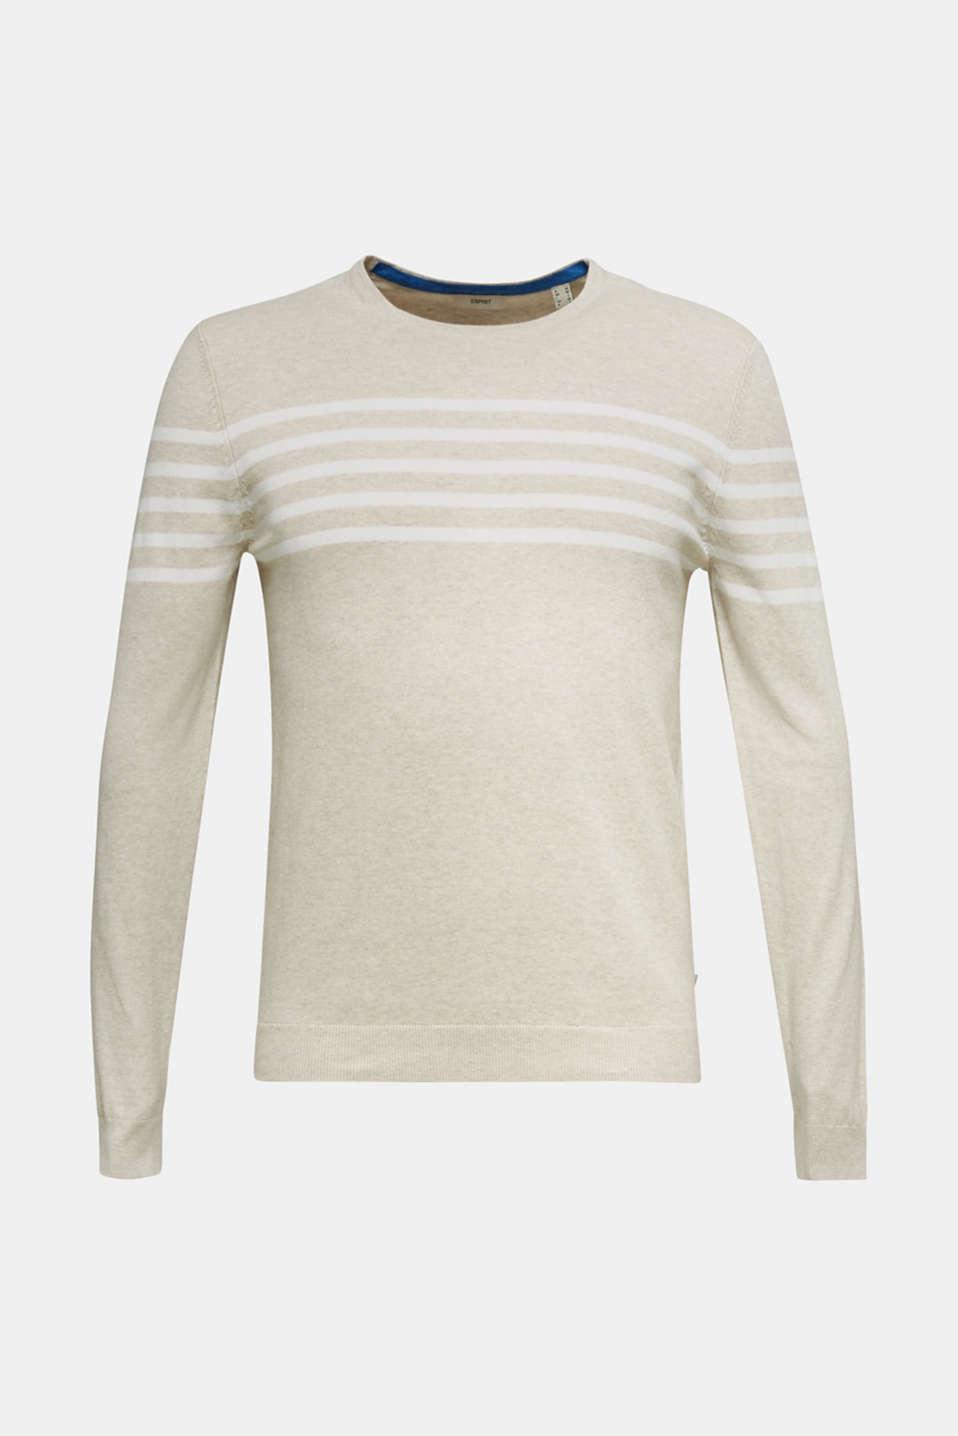 100% cotton jumper, BEIGE 3, detail image number 7